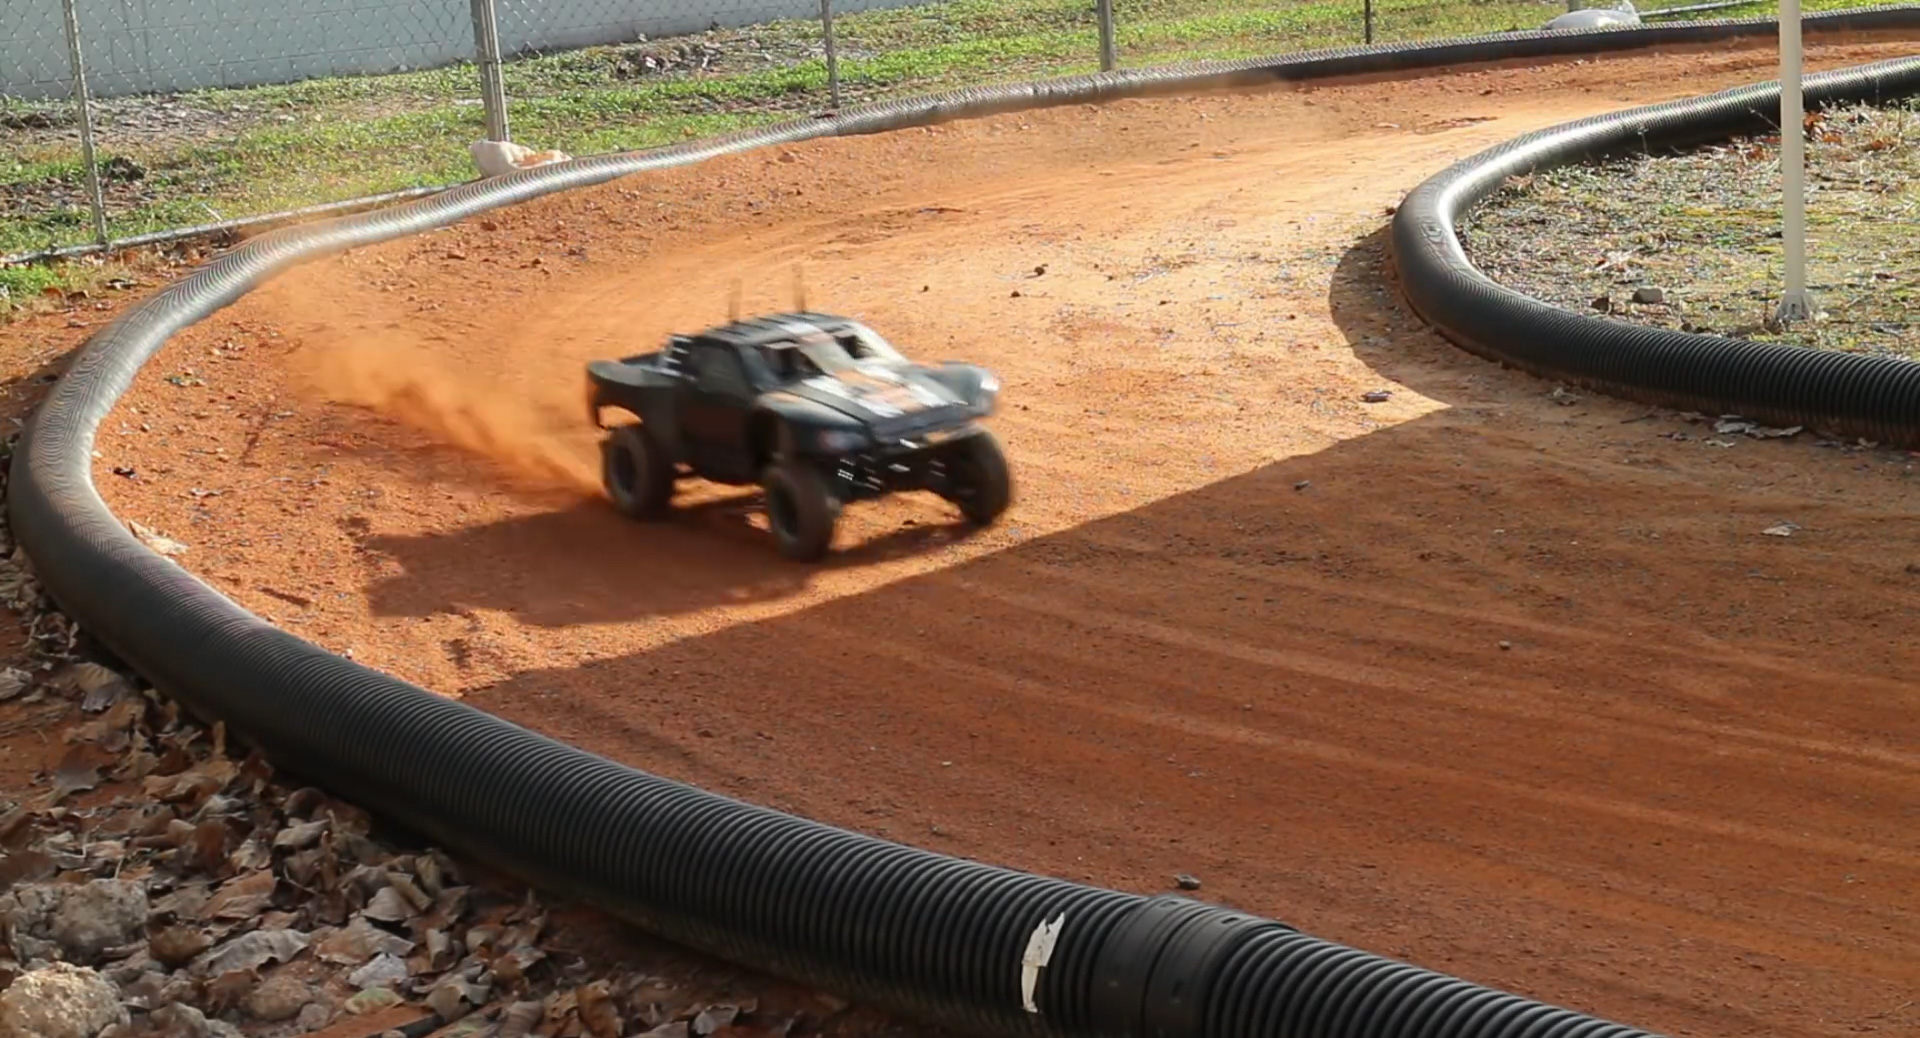 Autorally une mini voiture de course open source tech numerama - Image voiture de course ...